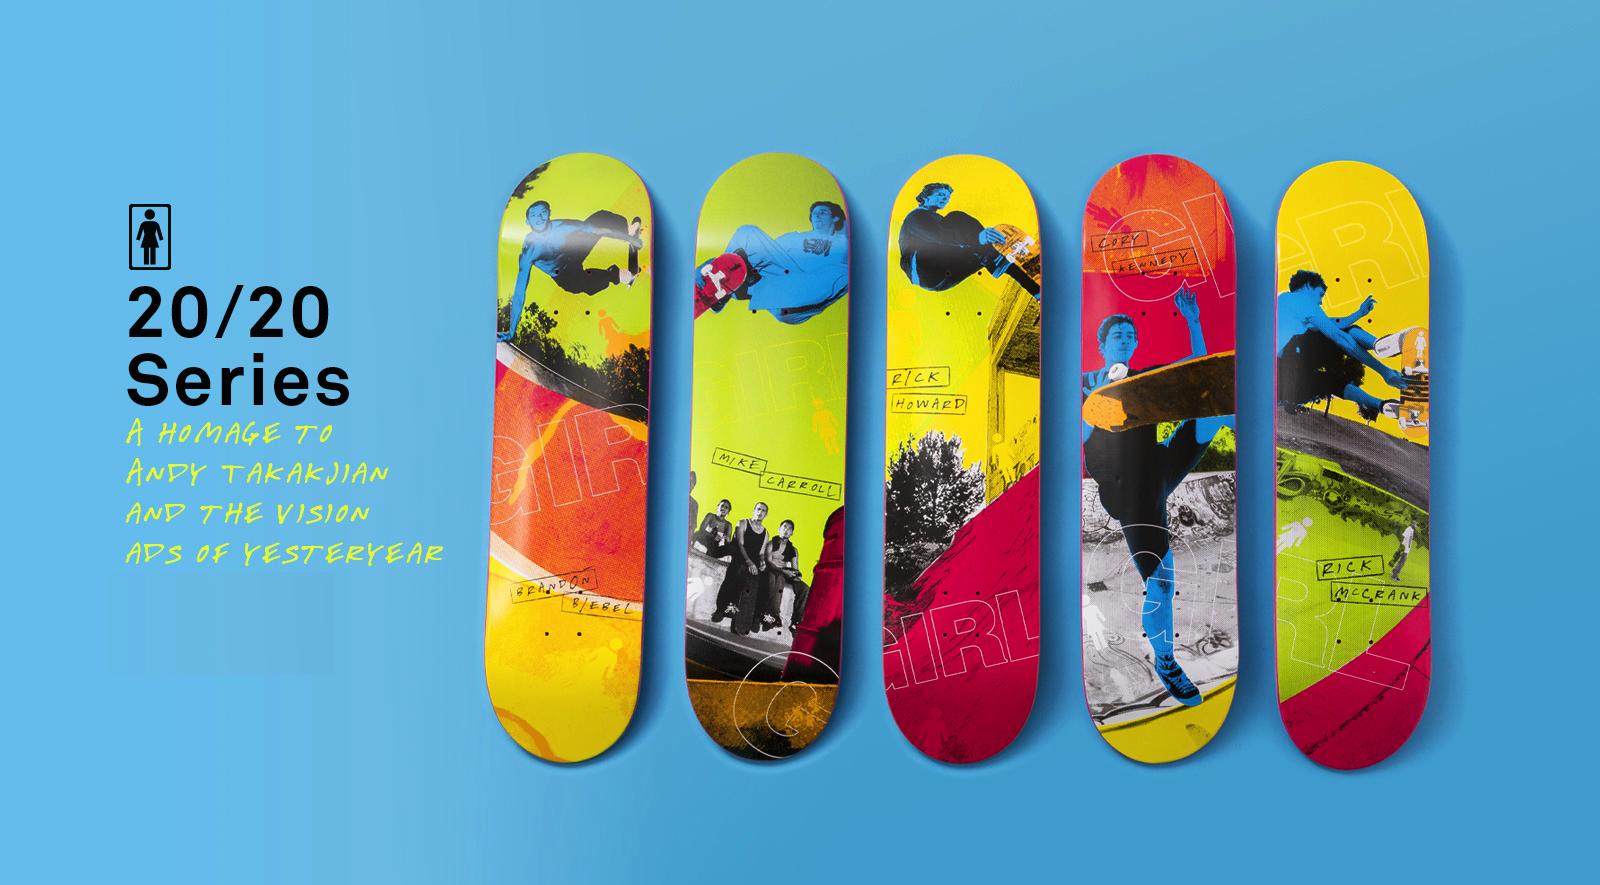 Girl Skateboards 20/20 Serie